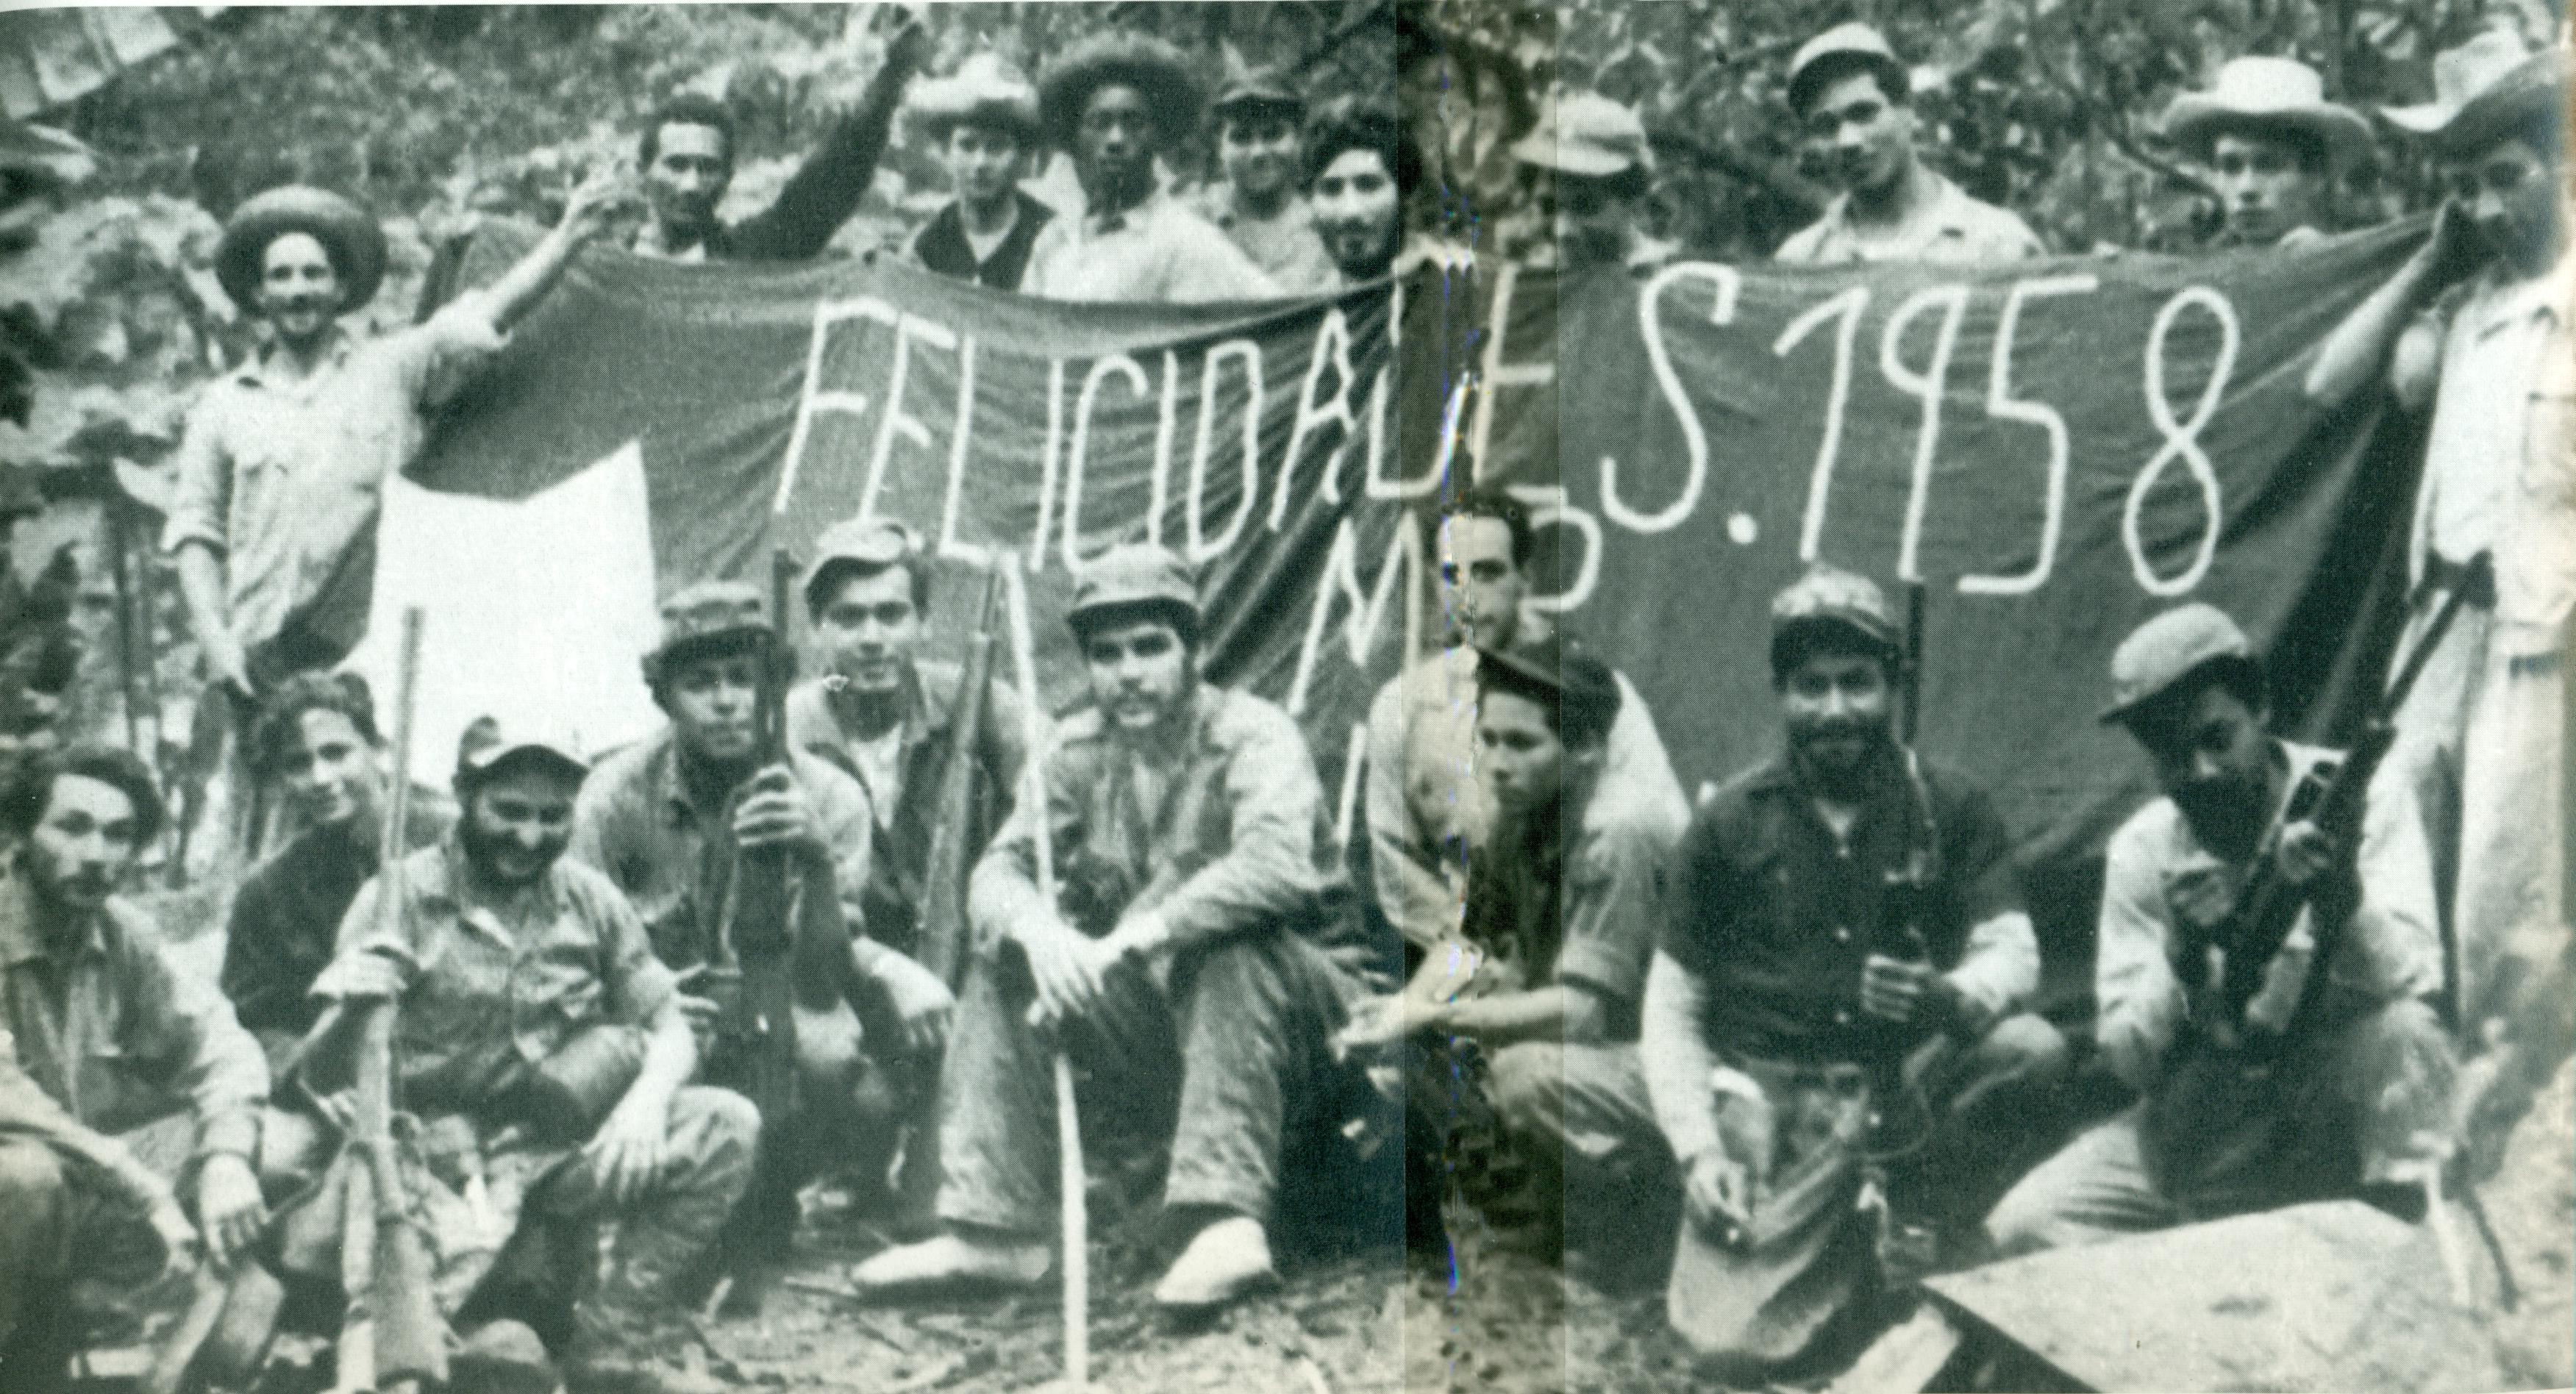 El Che y su columna despiden 1958 en la localidad de El Hombrito, en la Sierra Maestra.